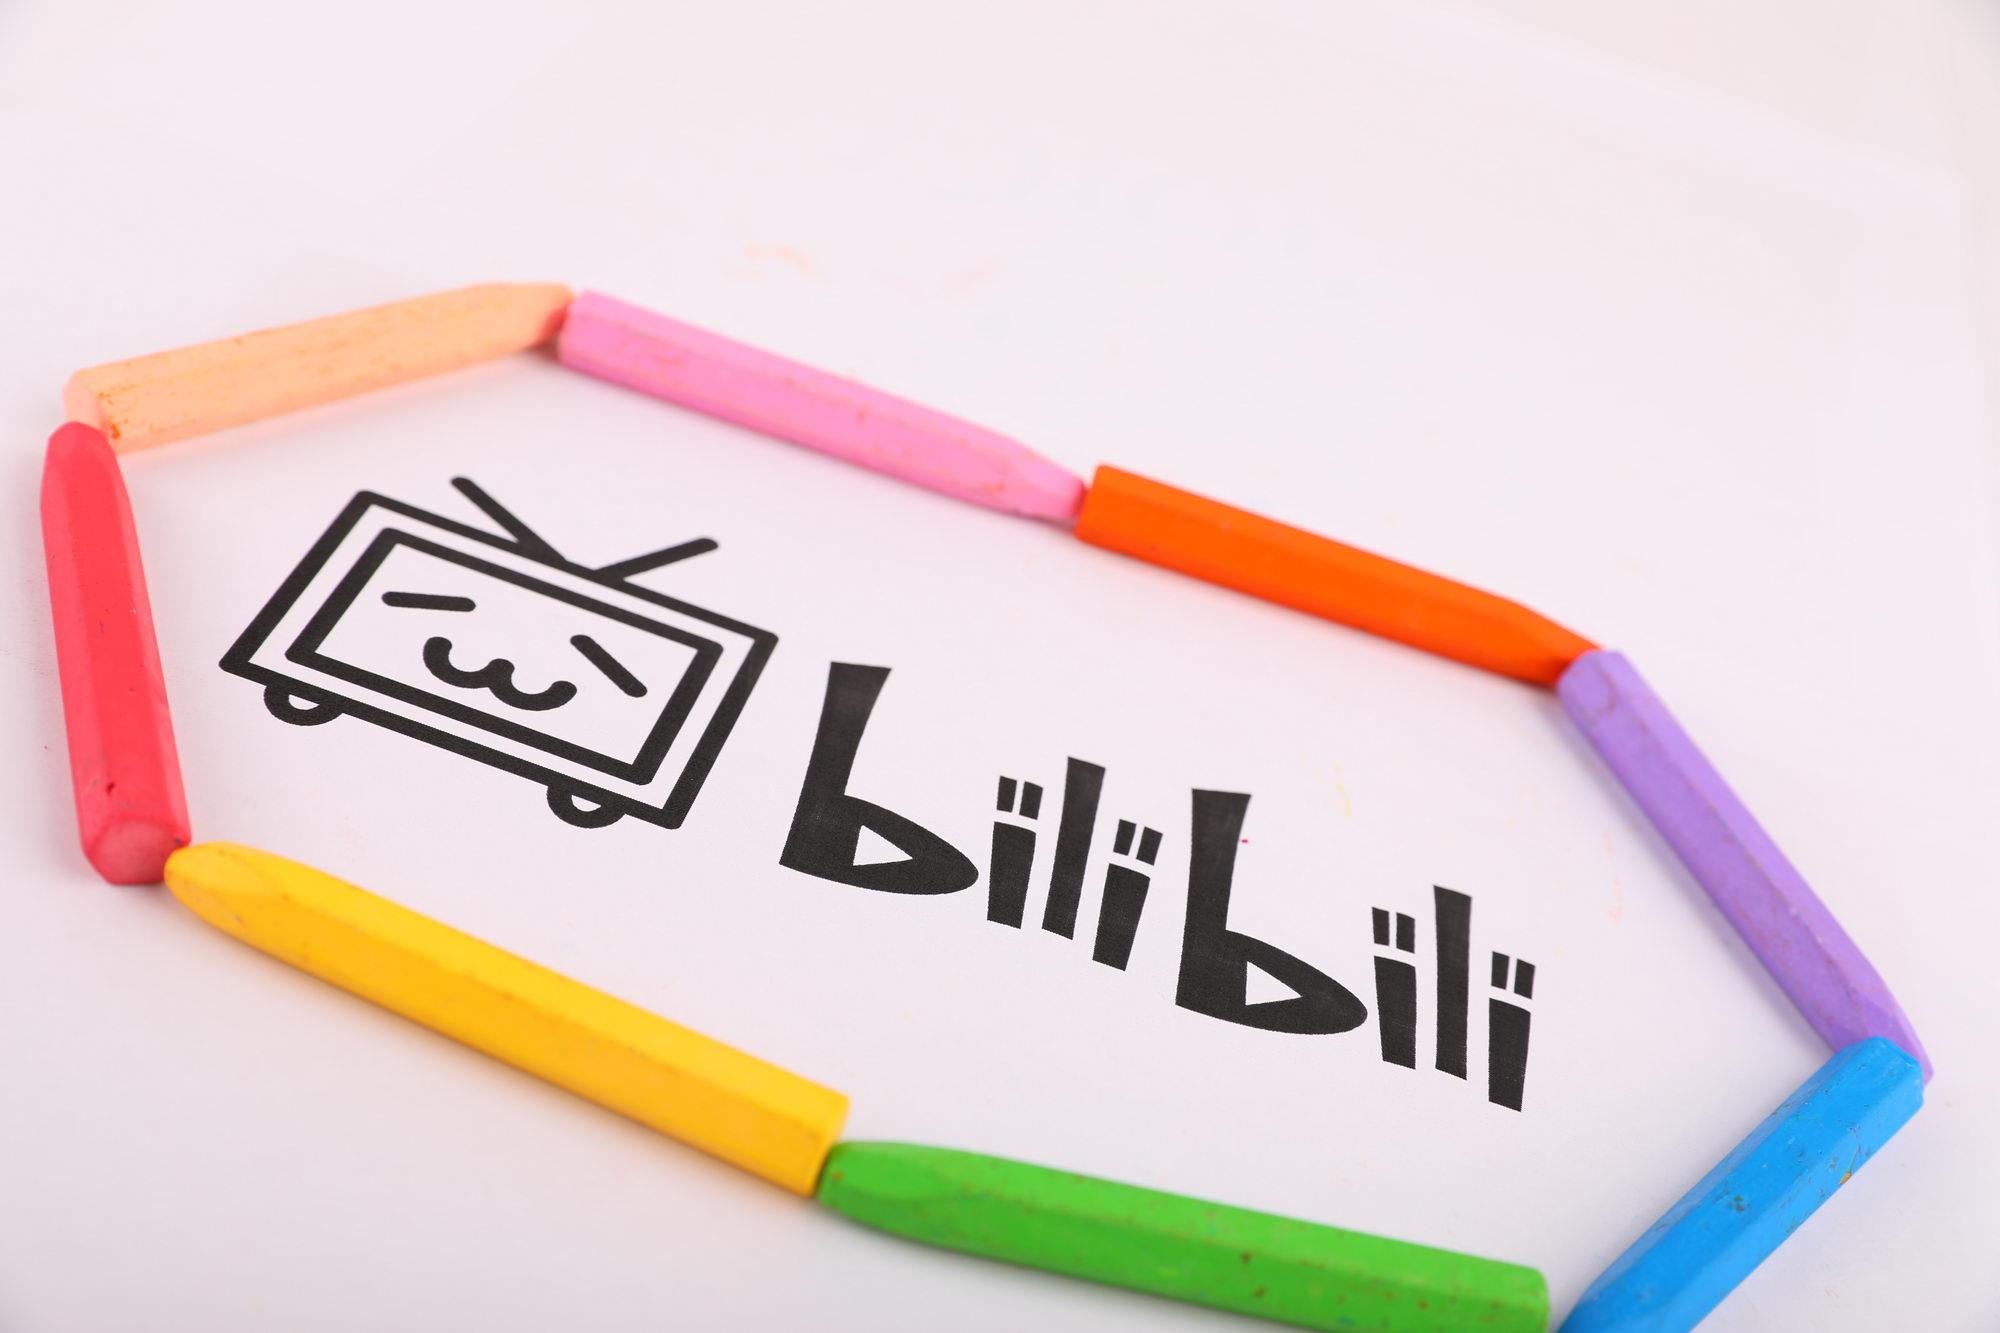 B站公布第二季度财报 电商及其他收入1.958亿元_零售_电商报